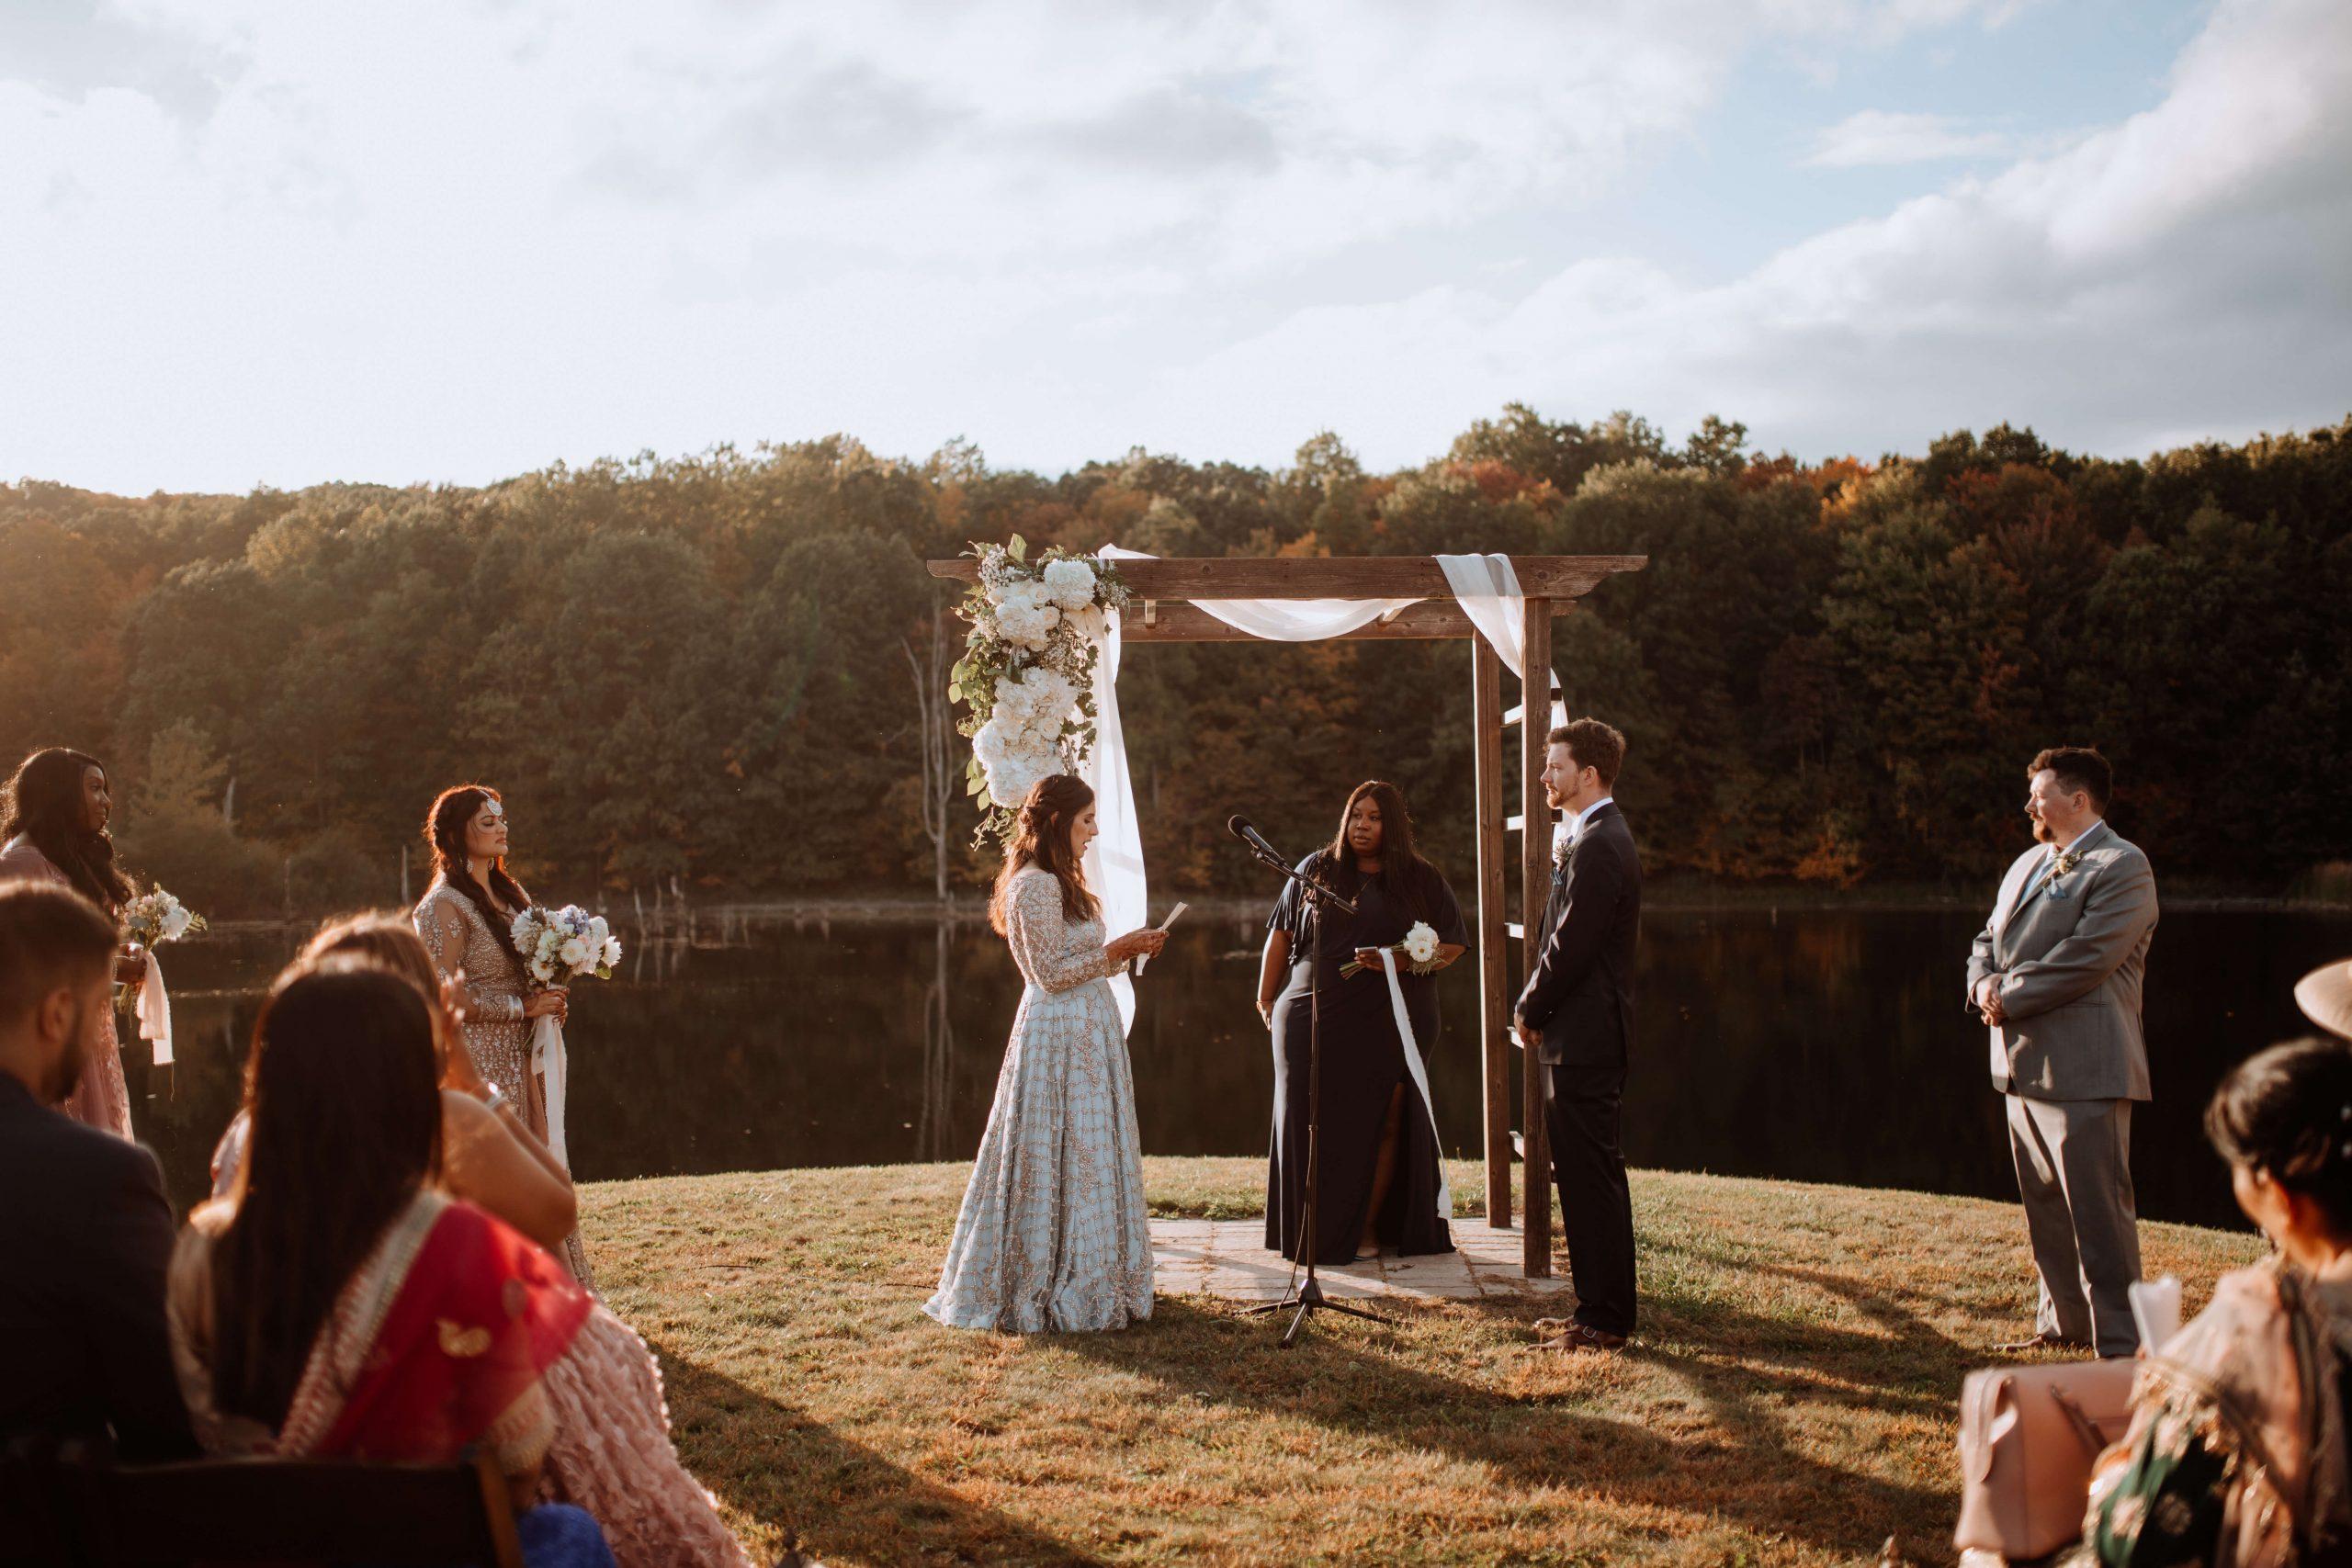 Hudson Valley Outdoor Wedding Venue